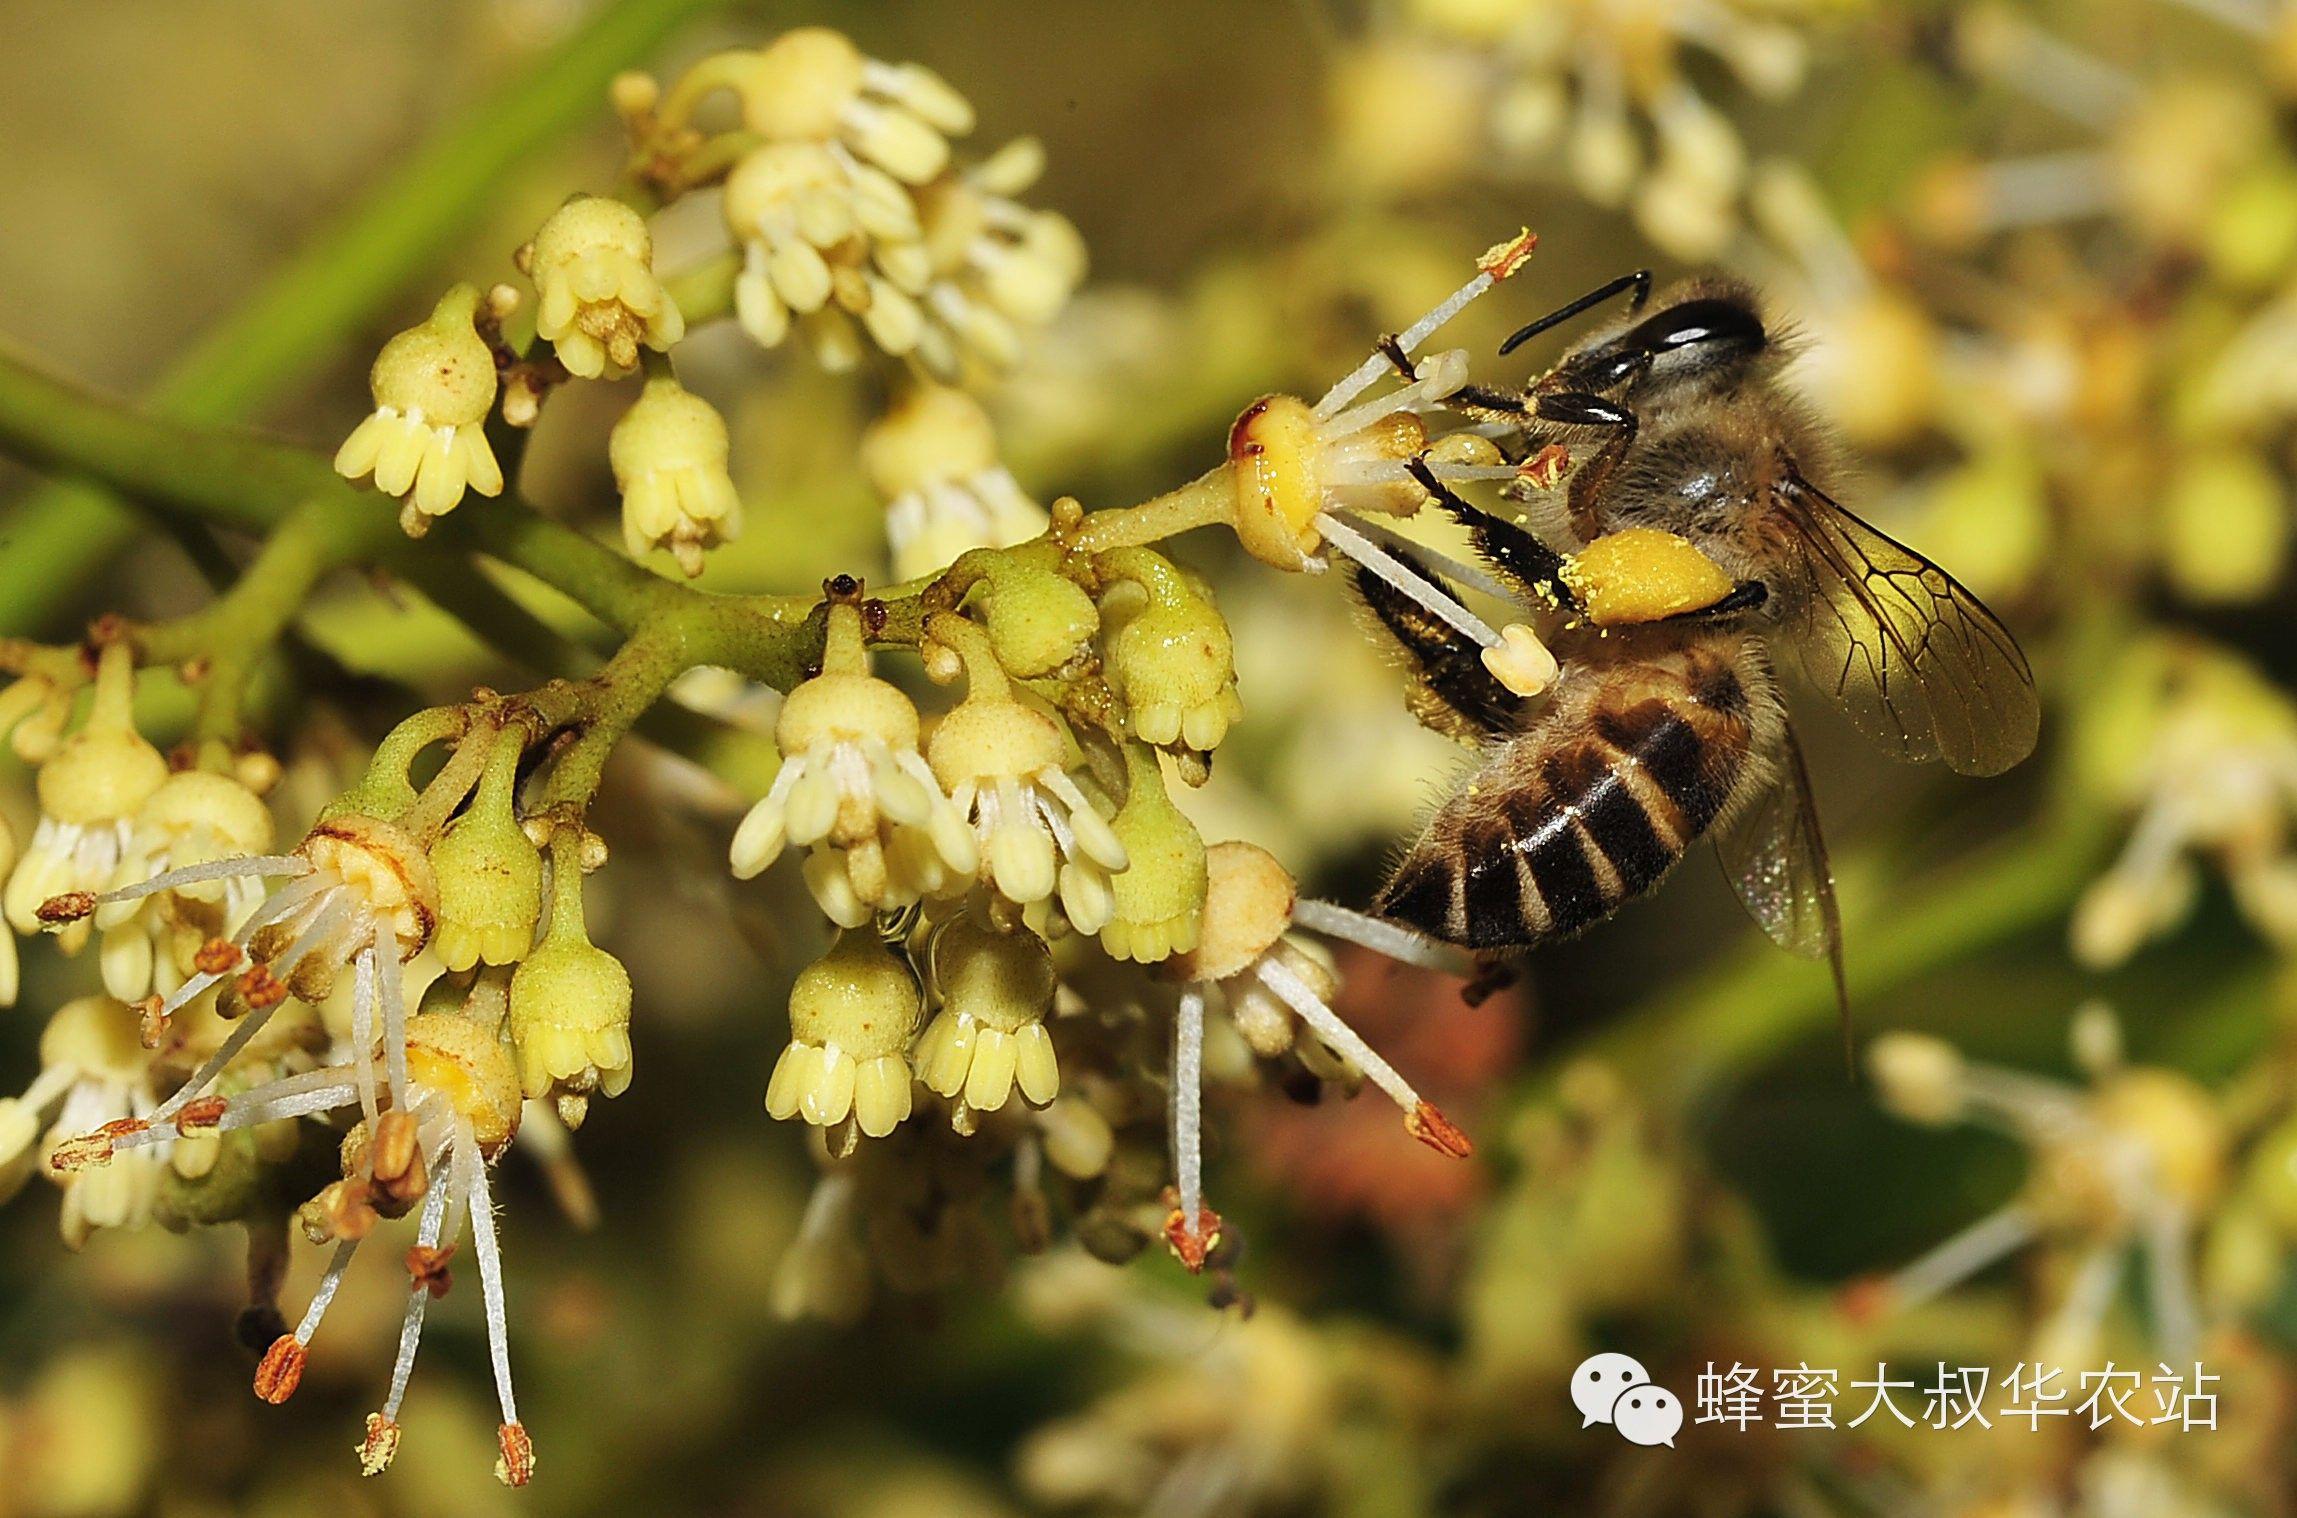 好蜂蜜多少钱一斤 枸杞蜂蜜价格 汪氏蜂蜜加盟 蜂蜡是什么 油菜蜂蜜